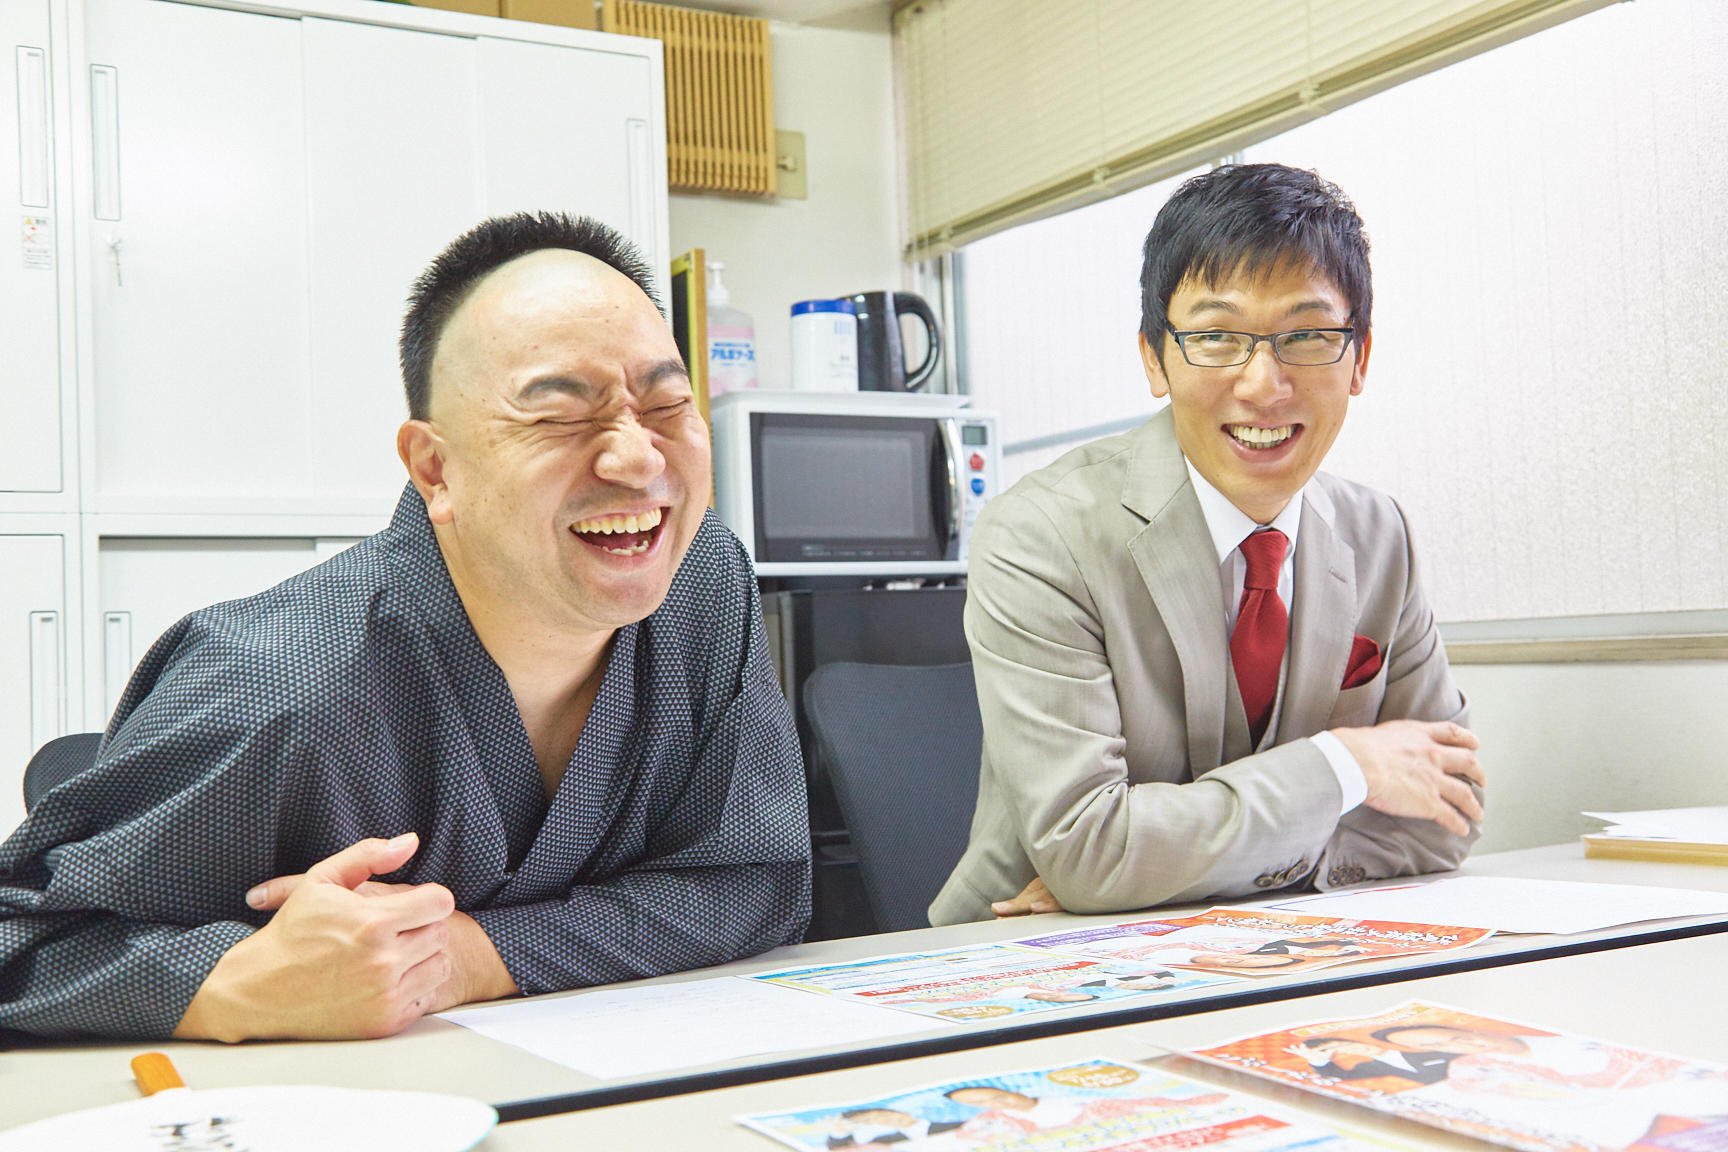 http://news.yoshimoto.co.jp/20170720100528-806e3adbc61690a474d79091821b751b9387dcc3.jpg